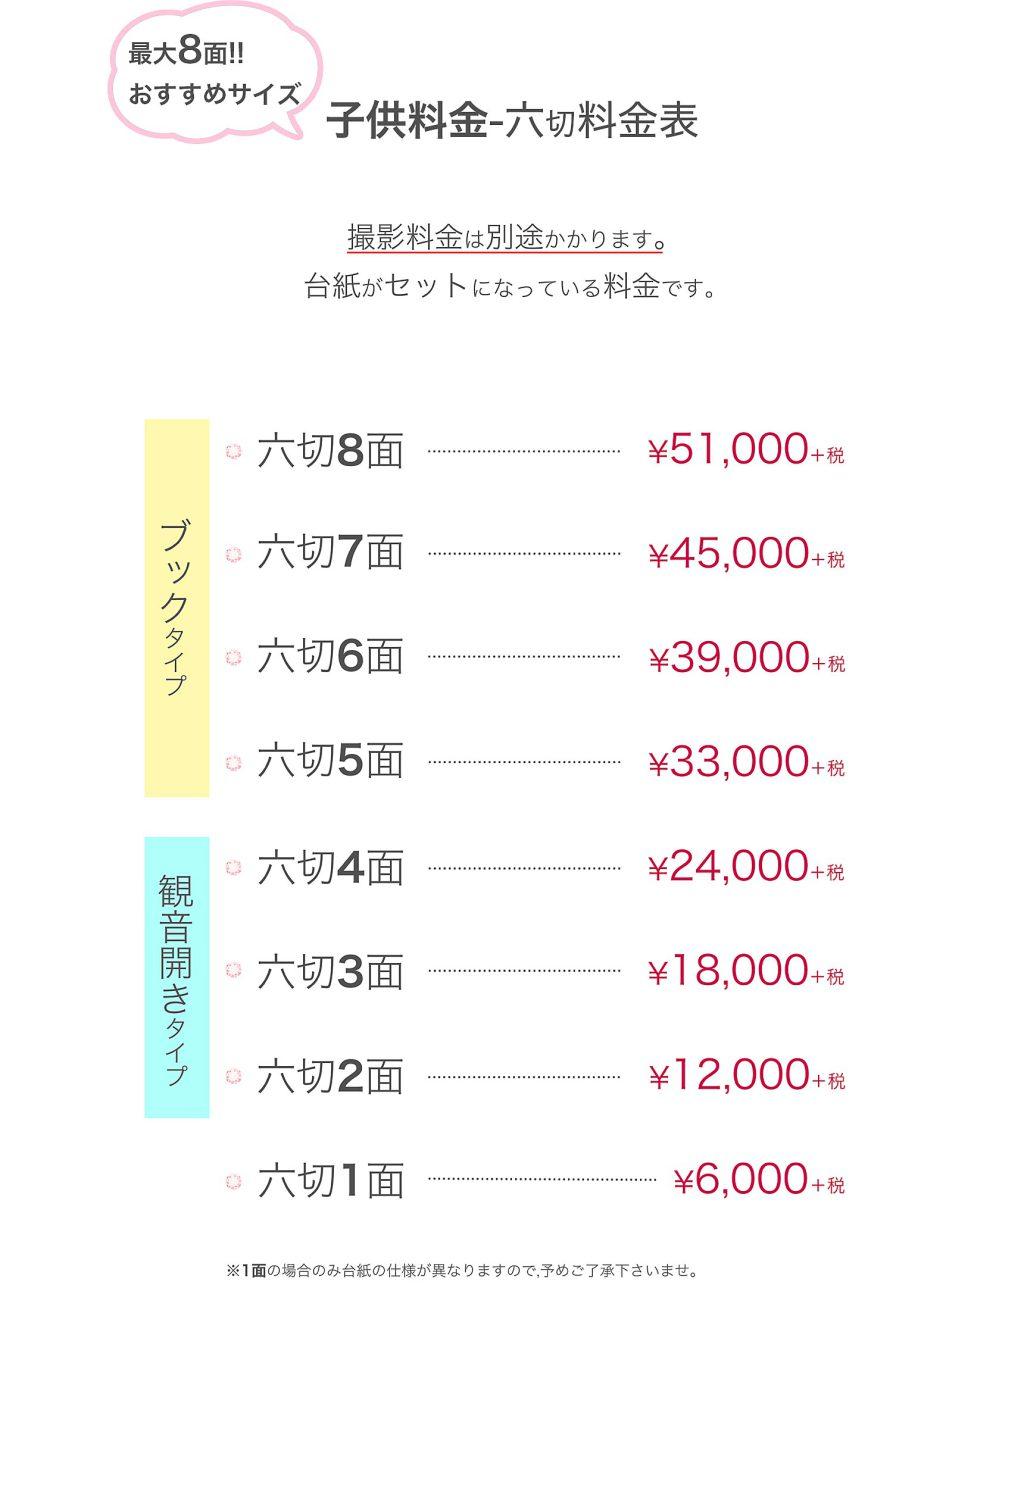 六切台紙の子供料金表